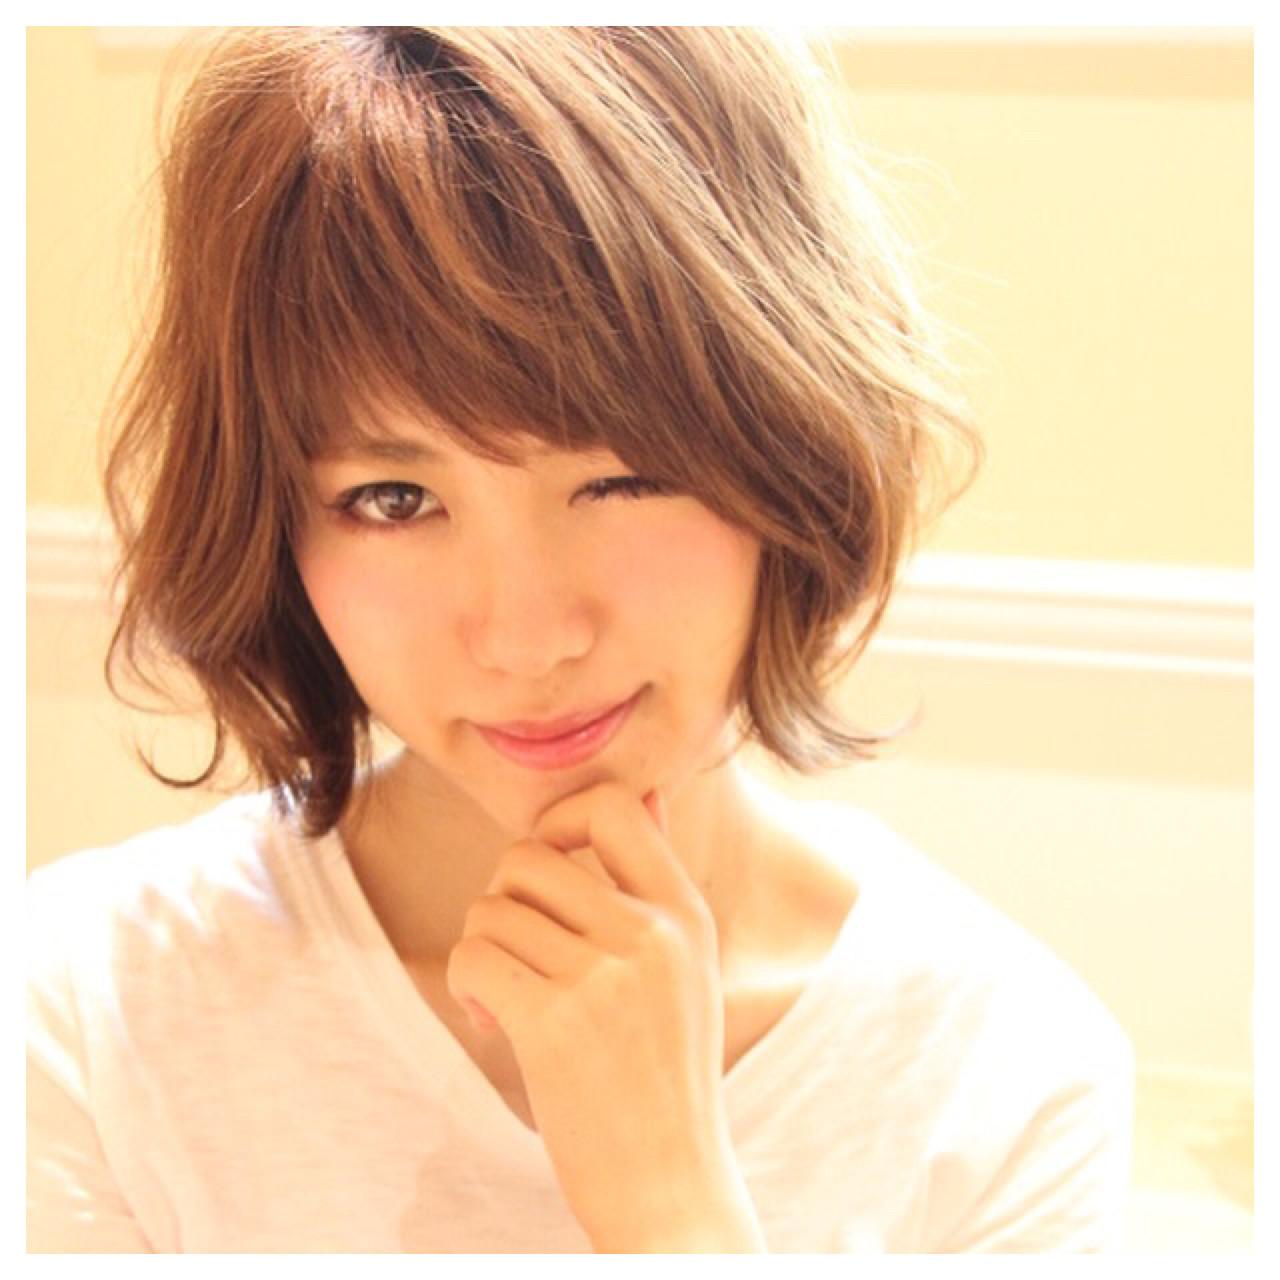 抜け感 小顔 ショート 似合わせ ヘアスタイルや髪型の写真・画像 | Masanori Yamasaki / Reuna(レウナ)